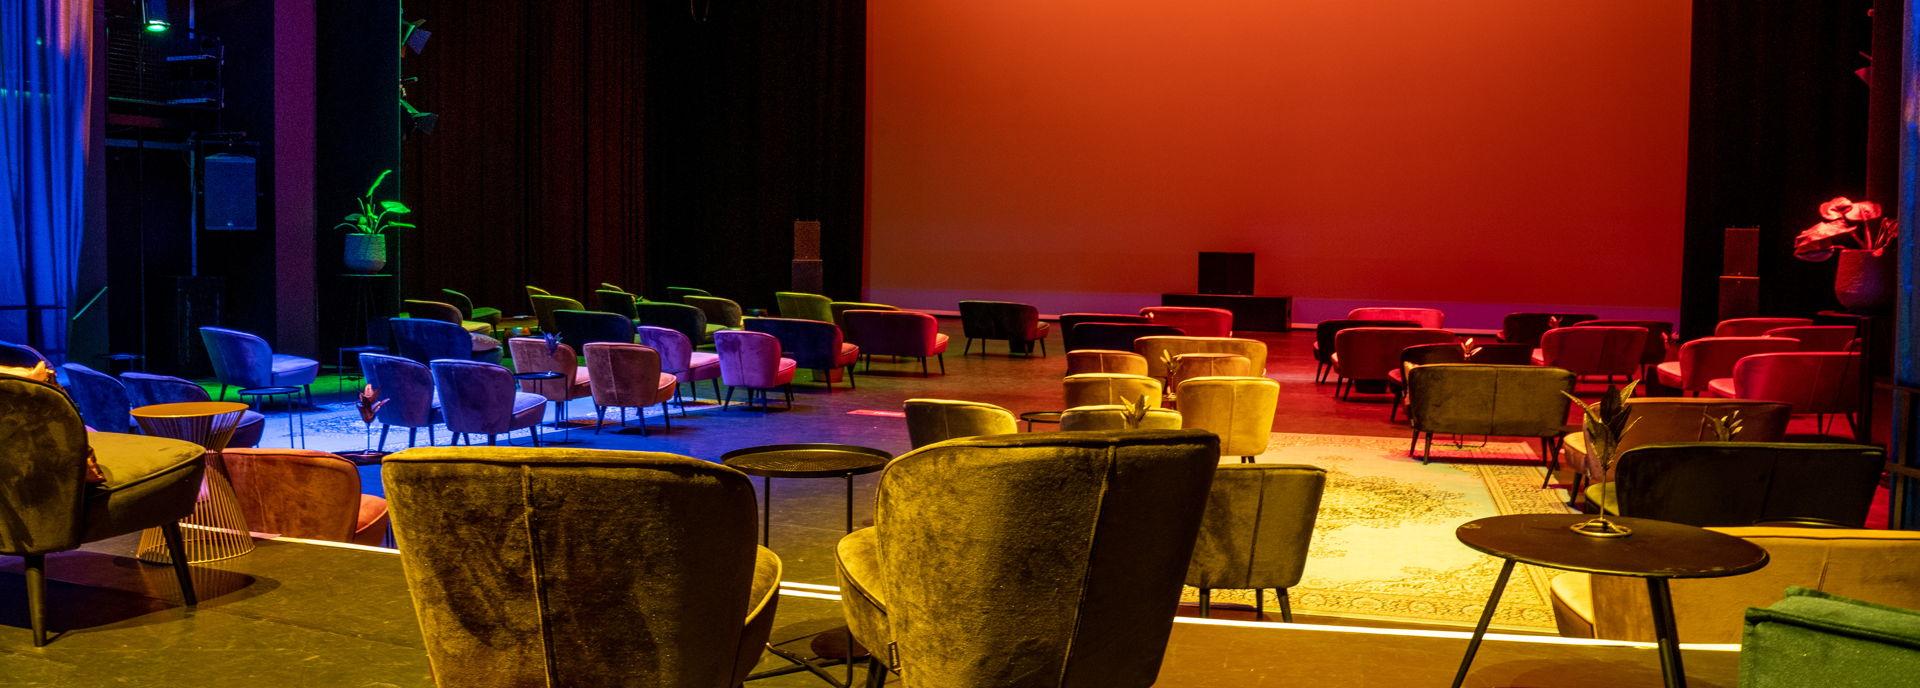 De lounge-opstelling van de Tamboerzaal in coronatijd.